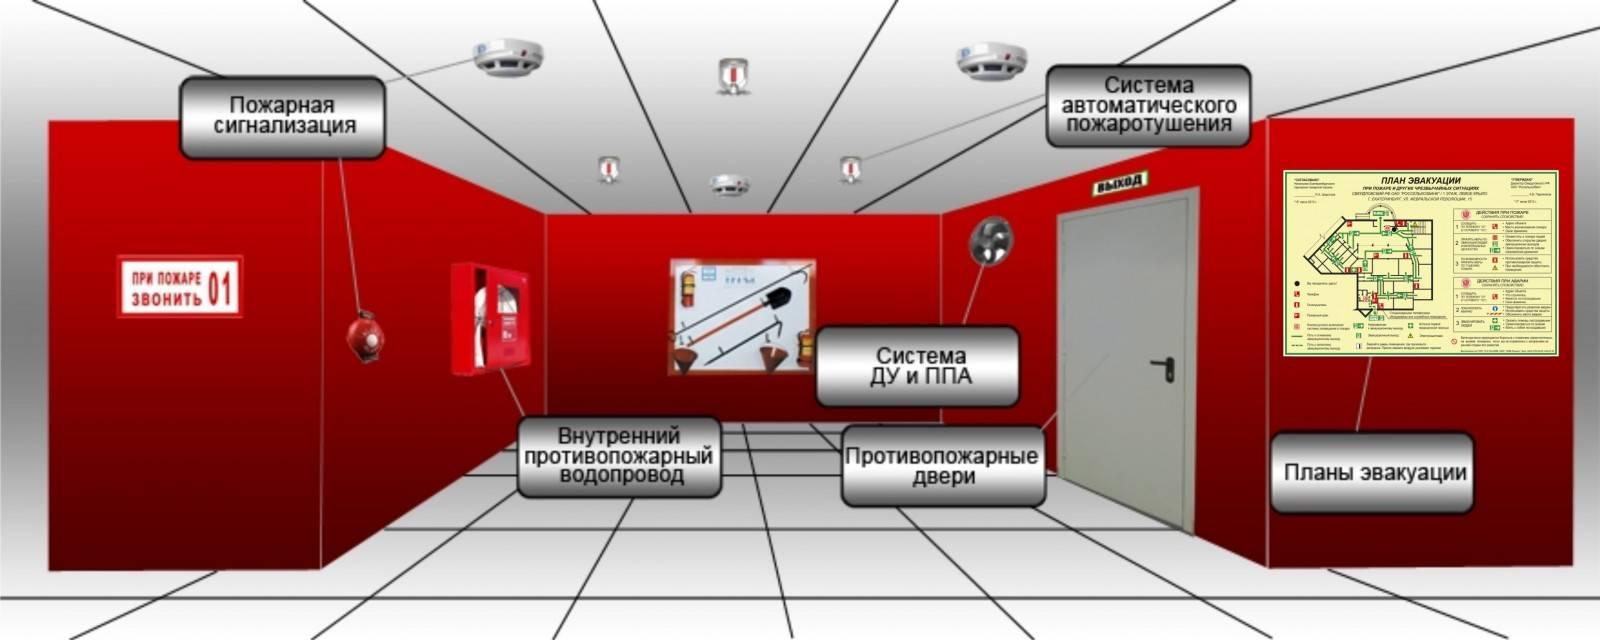 На объектах организации могут проектироваться и устанавливаться следующие системы противопожарной защиты.